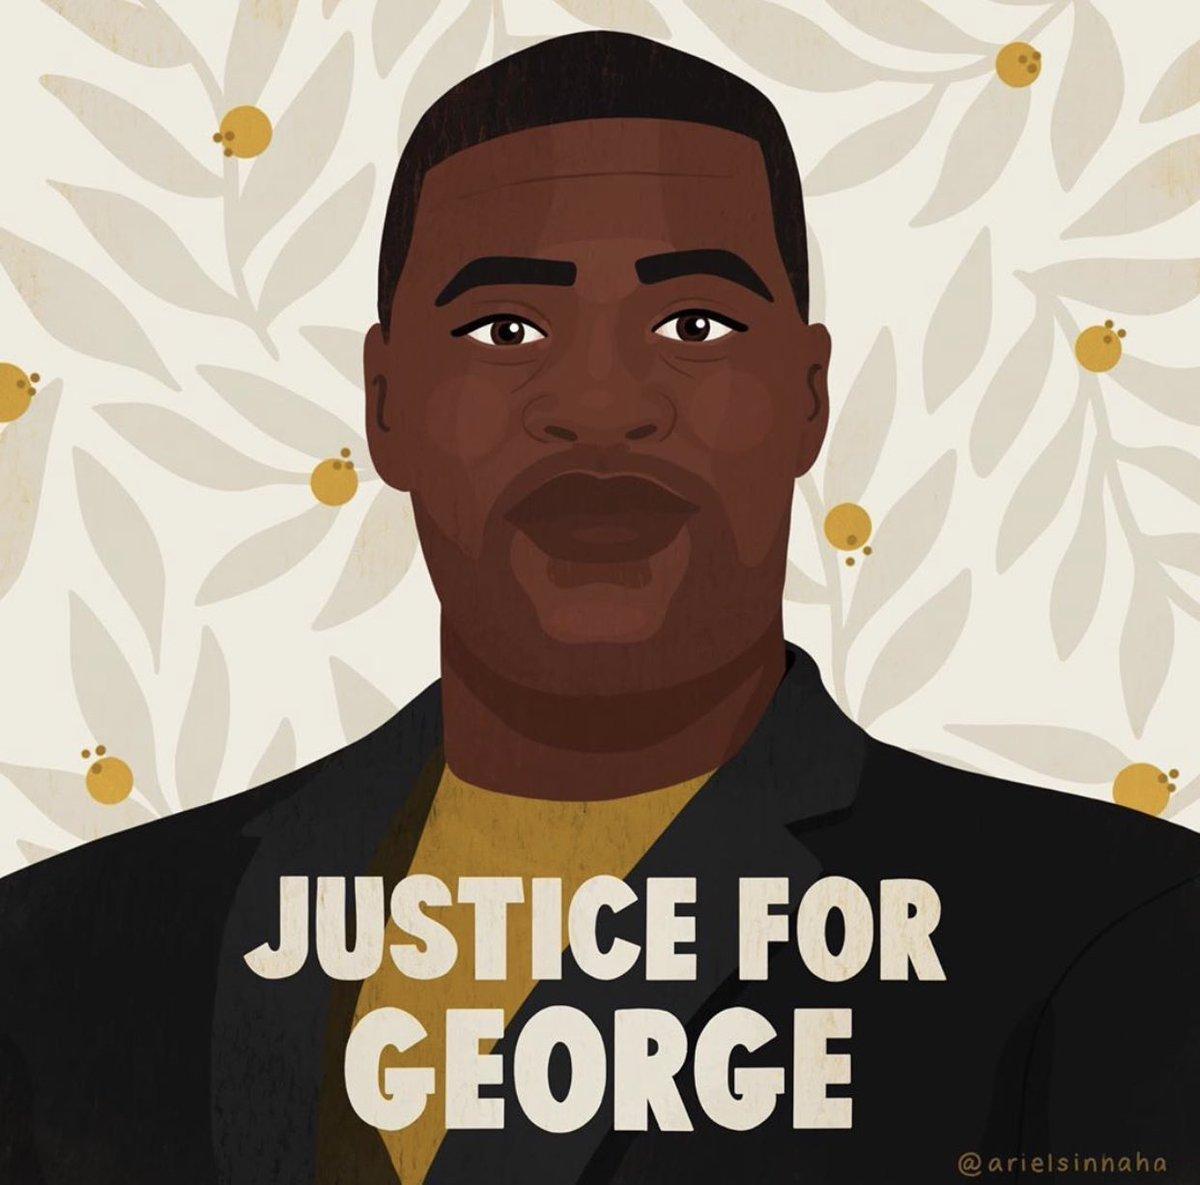 Say his name. #GeorgeFloyd Say what happened. #GeorgeFloydWasMurdered